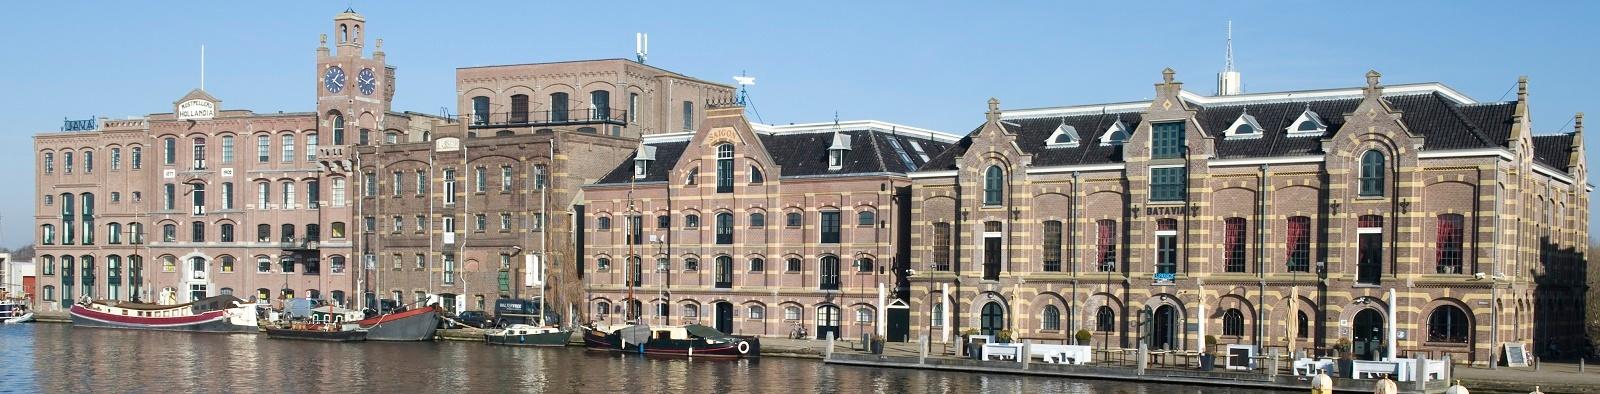 Nebu office in Wormer in Netherlands